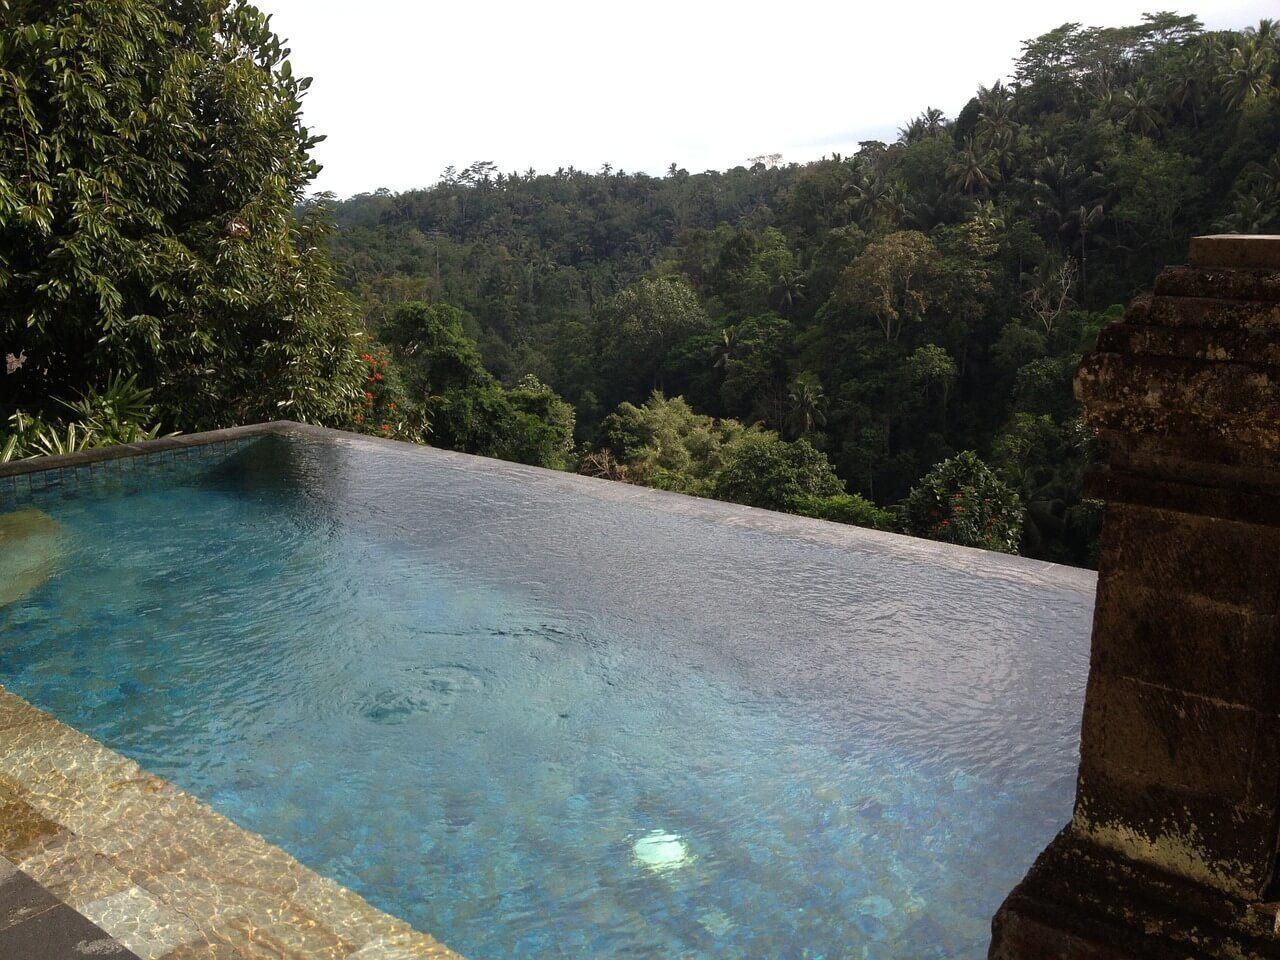 Swim in an infinity pool